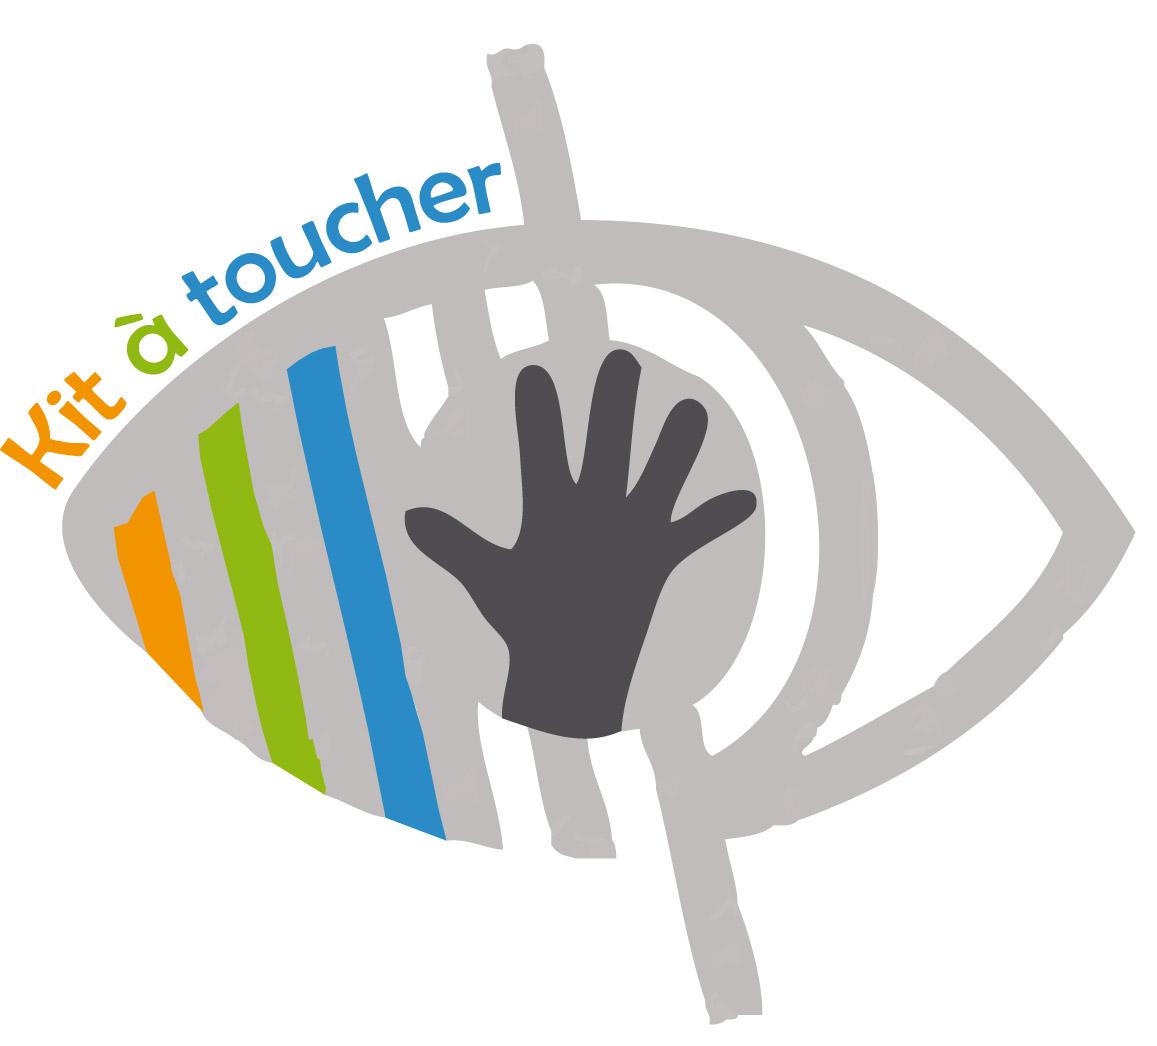 kit a toucher